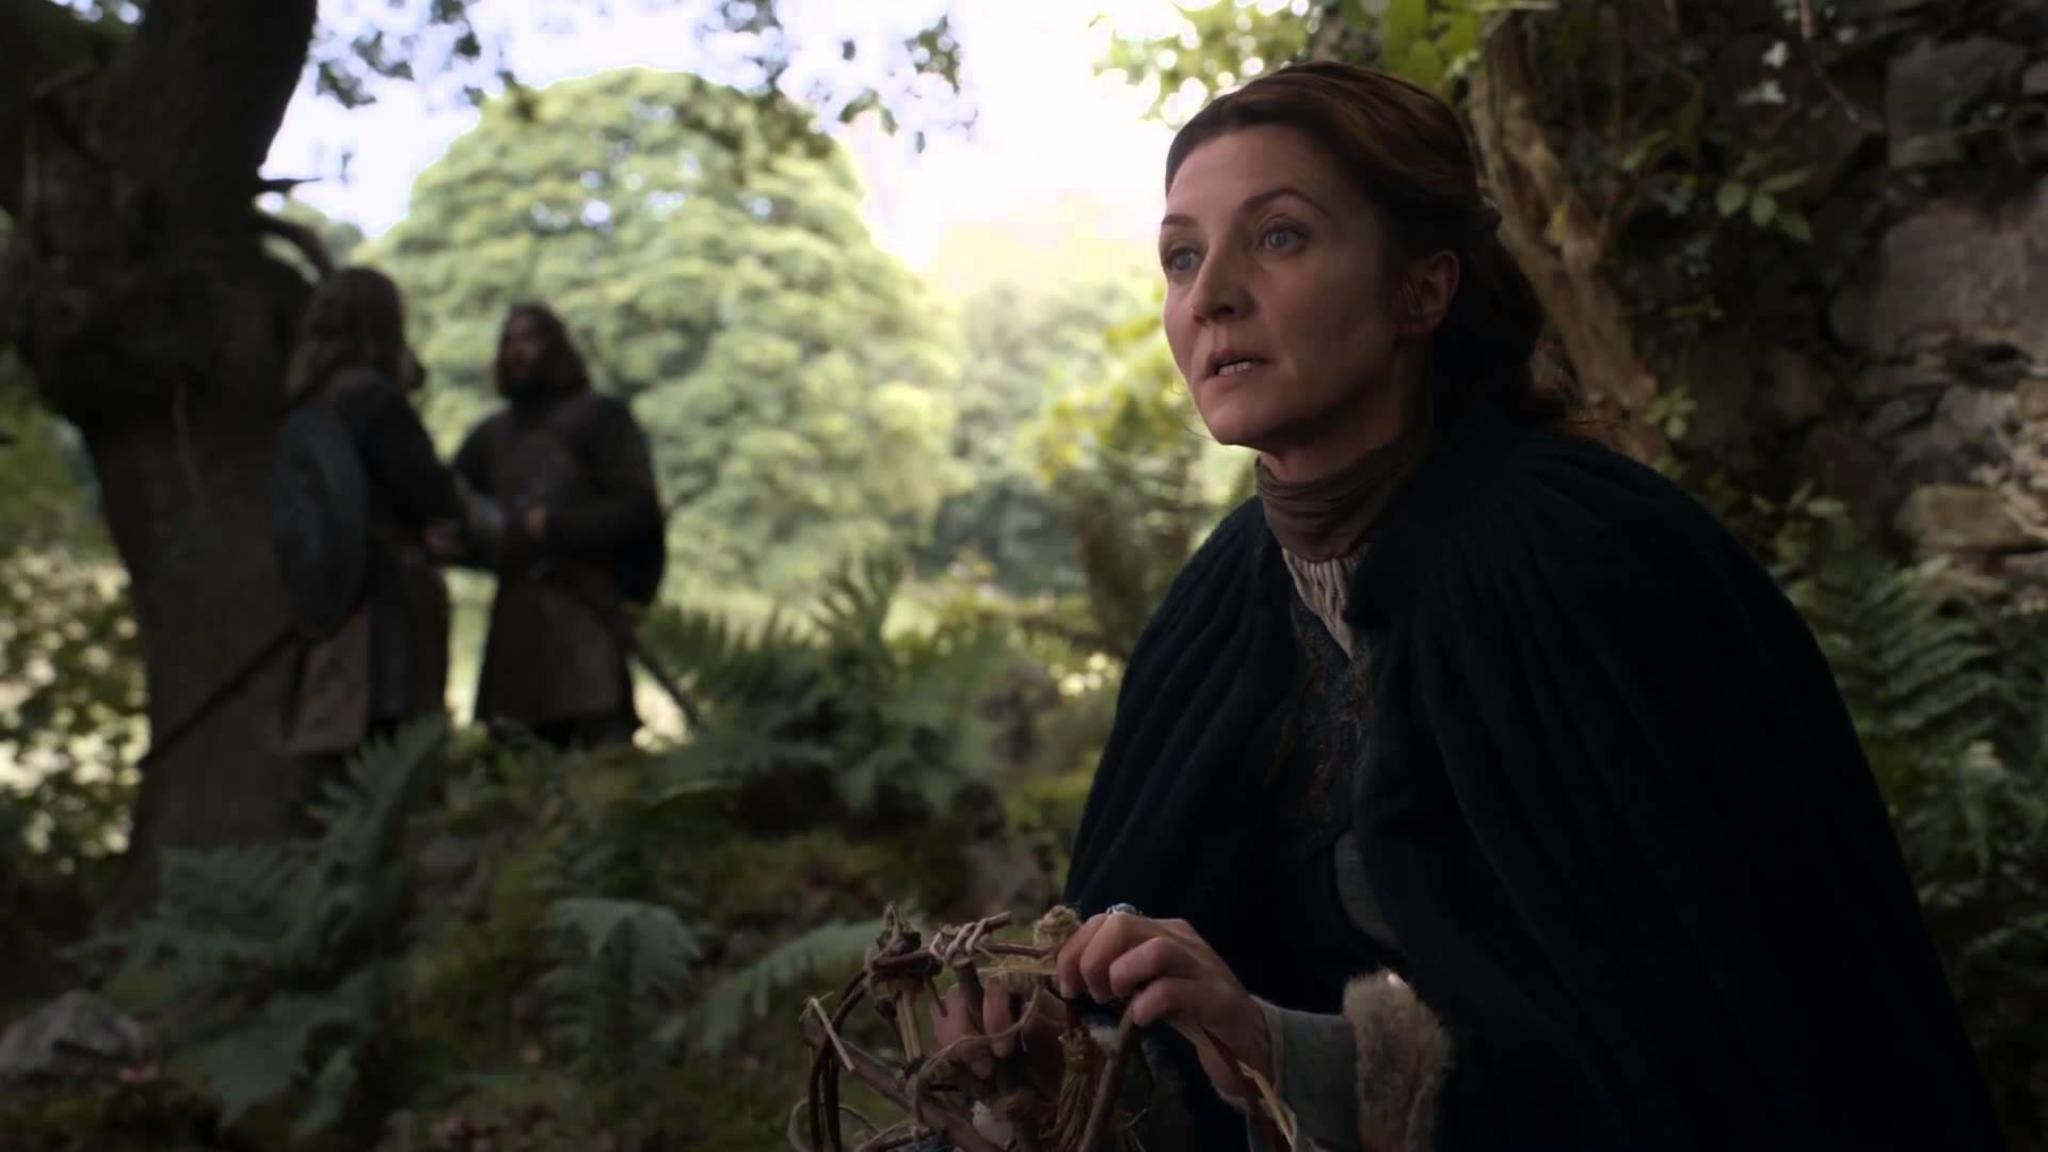 Catelyn Stark ist eine geborene Tully und stammt aus den Flusslanden.